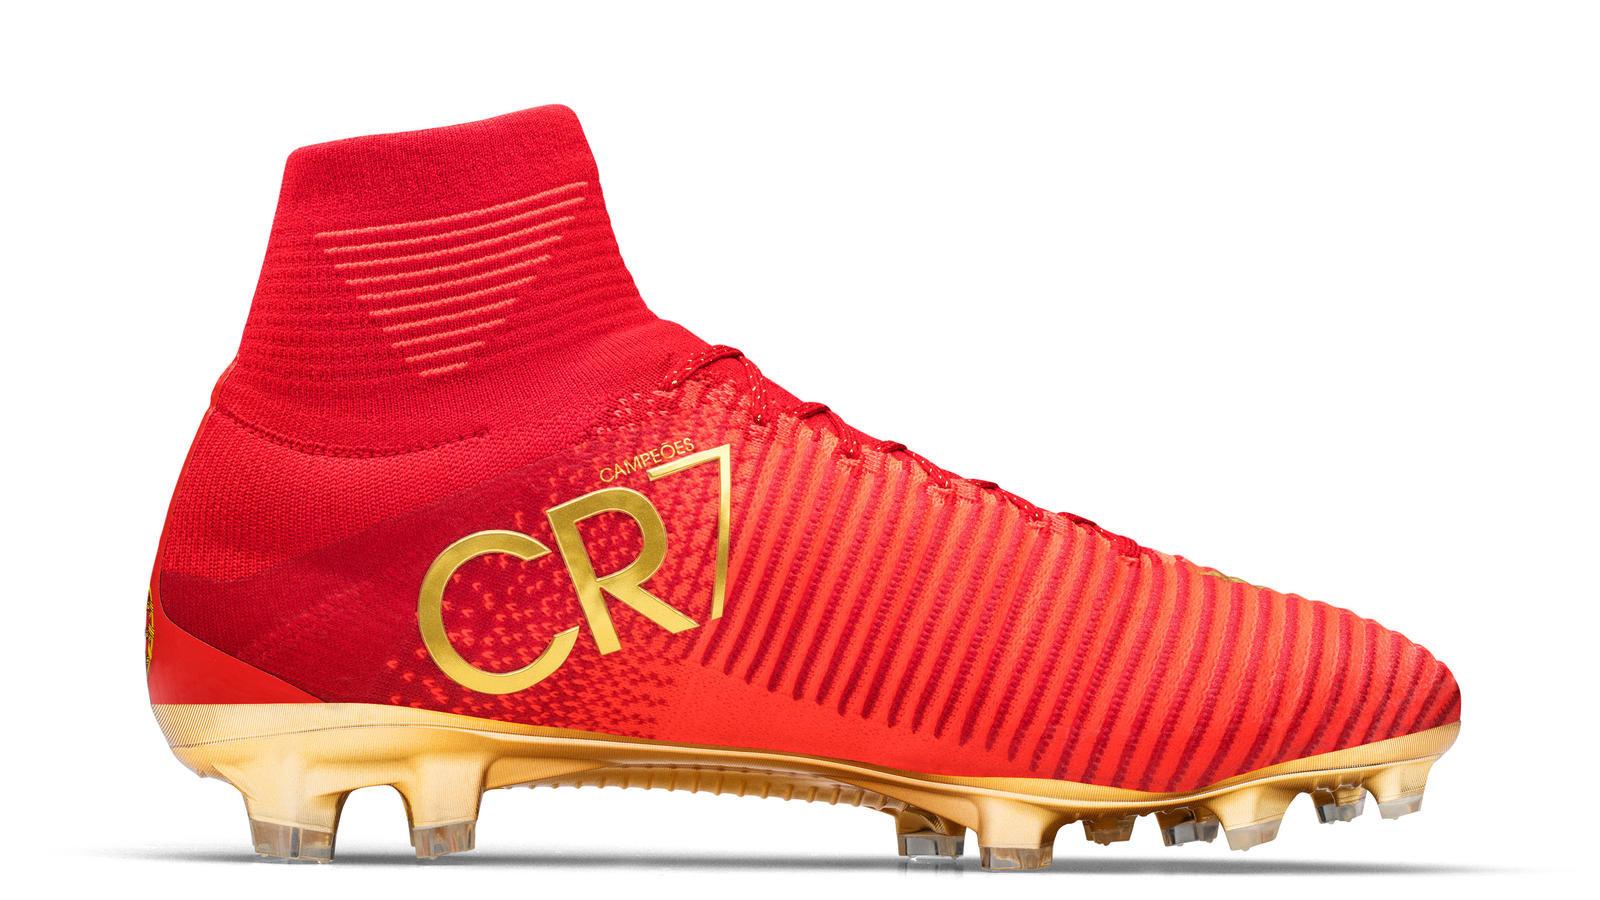 9b013b0a Estas son las nuevas botas que lucirá Cristiano Ronaldo en la Copa ...